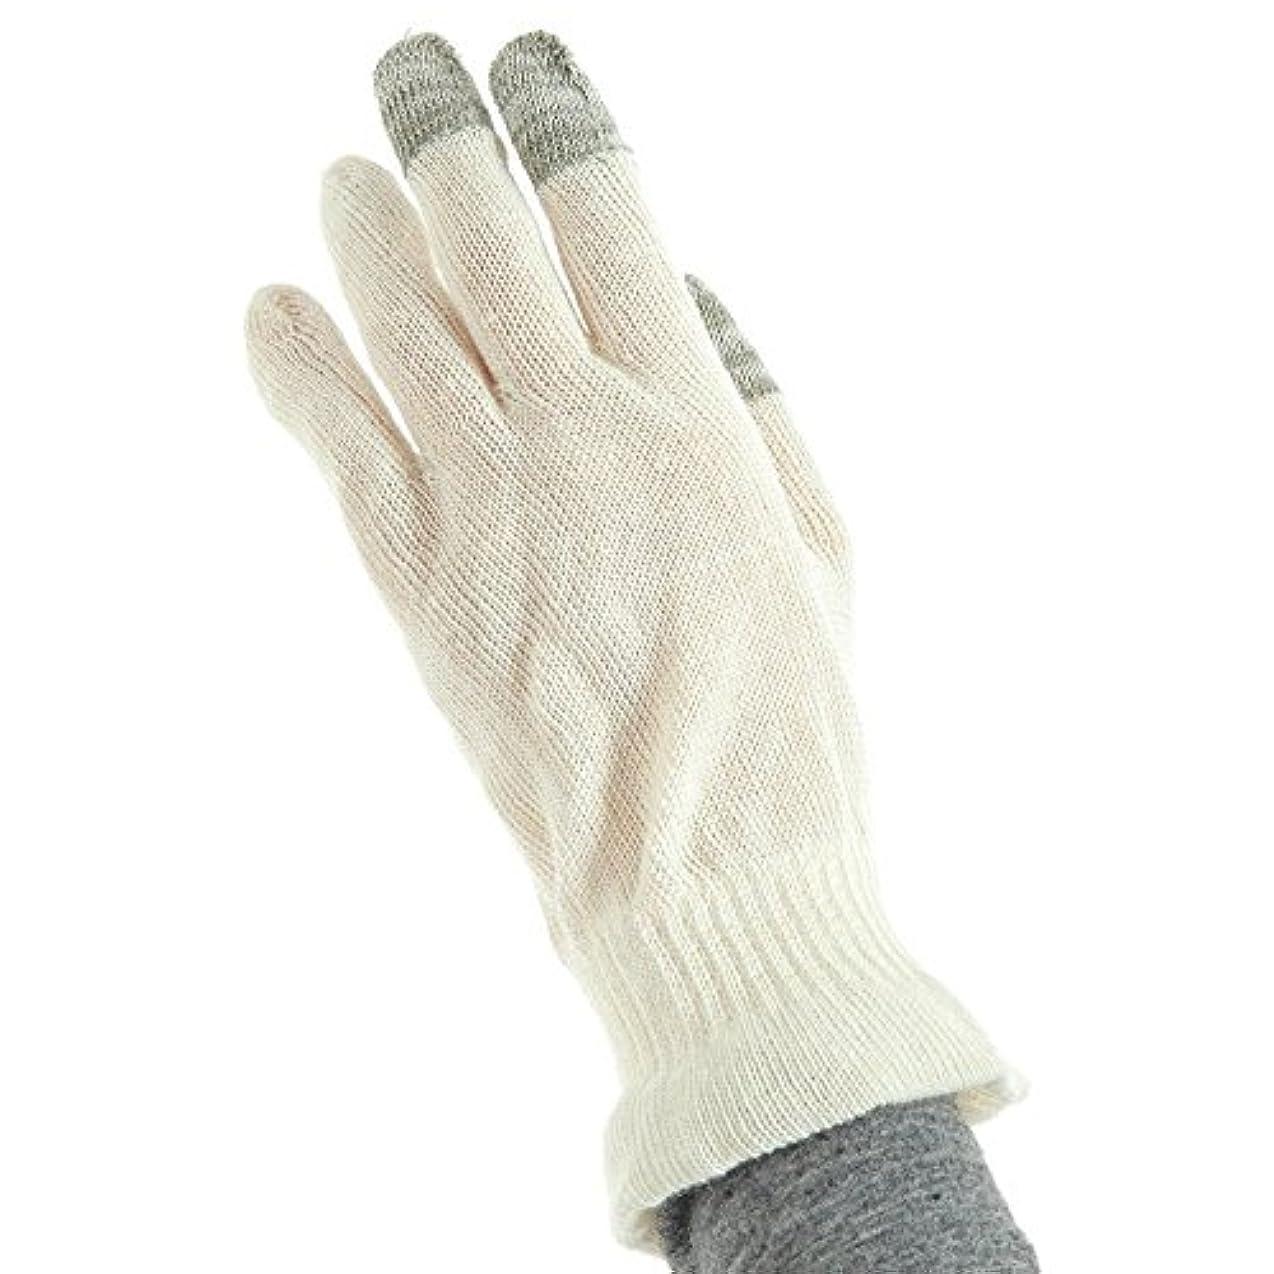 神経障害バルブどうしたの麻福 ヘンプ おやすみ 手袋 スマホ対応 男性用 L きなり 天然 ヘンプ素材 (麻) タッチパネル スマートフォン対応 肌に優しい 乾燥対策